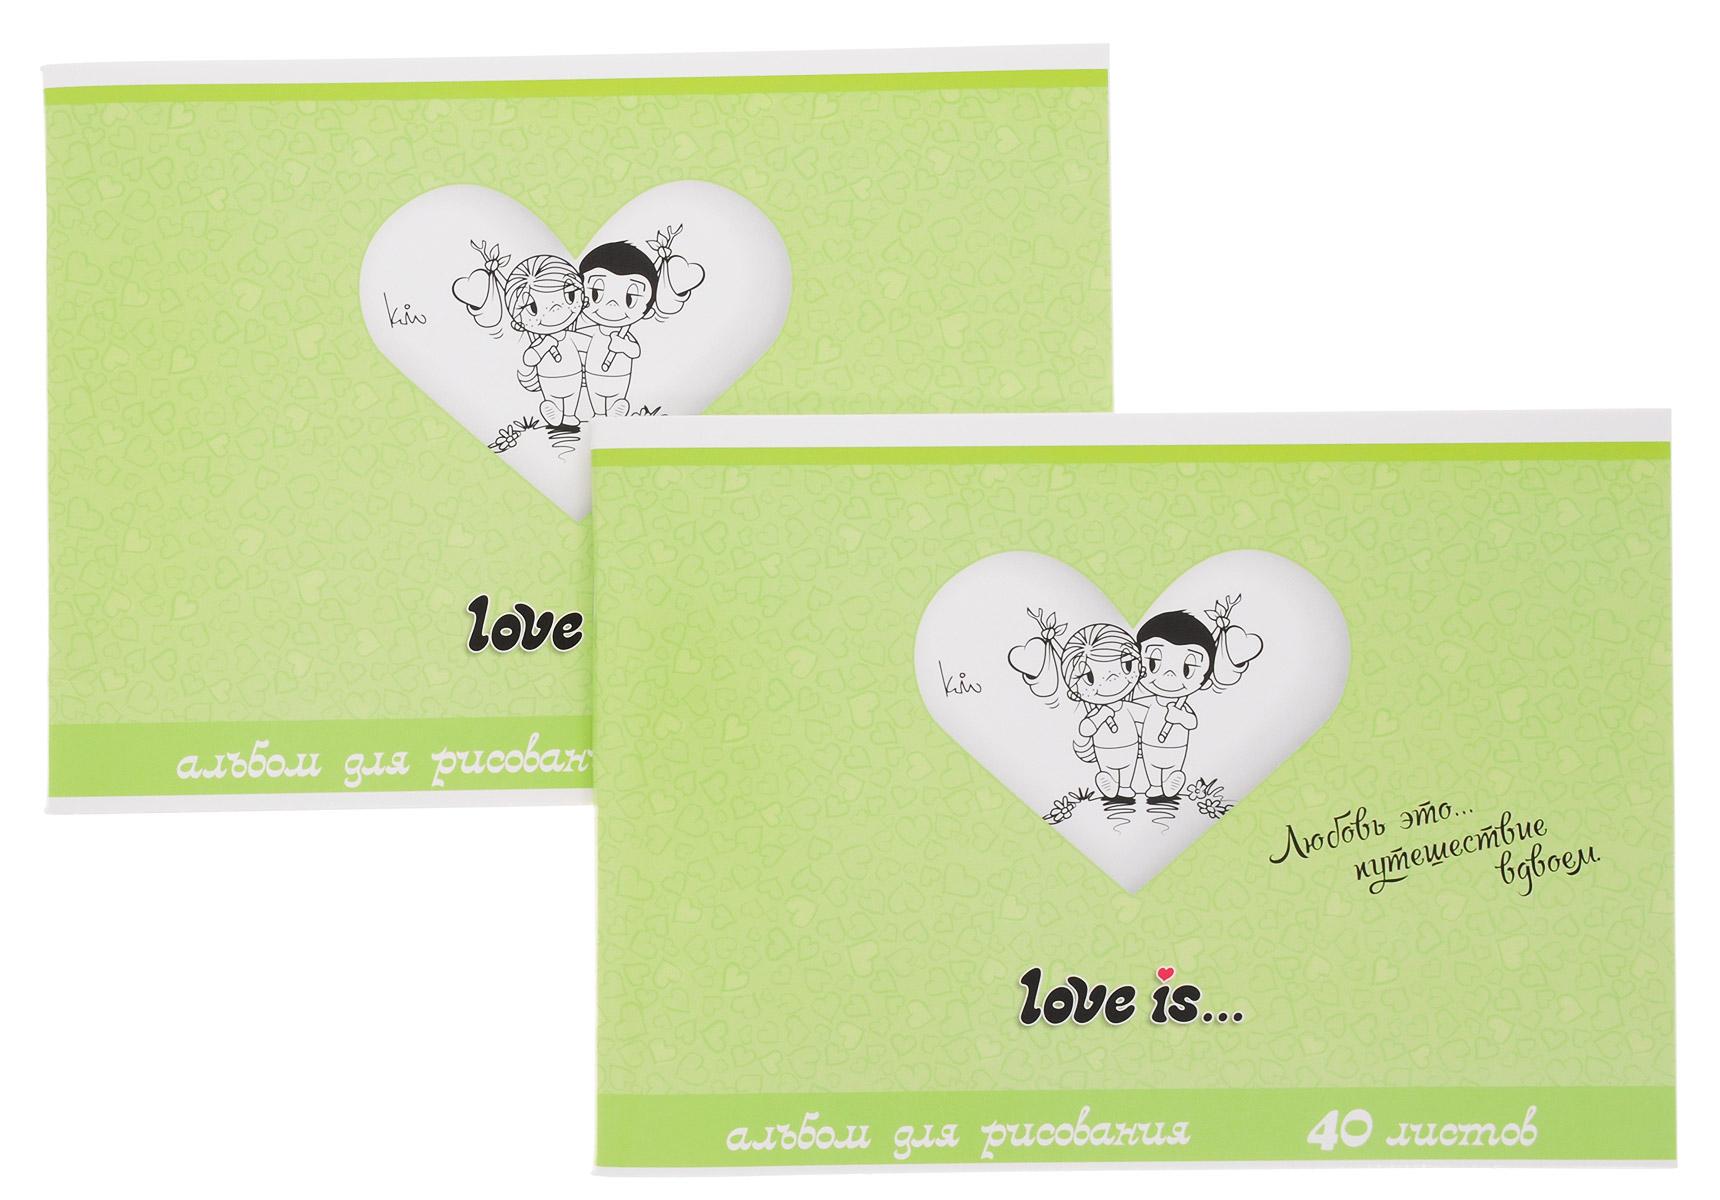 Action! Альбом для рисования Love is... 40 листов цвет салатовый 2 штС1627-01Альбом для рисования Action! Love is... порадует маленького художника и вдохновит его на творчество.Альбом изготовлен из белой бумаги с яркой обложкой из высококачественного картона, оформленной изображением влюбленной пары. Высокое качество бумаги позволяет рисовать в альбоме карандашами, фломастерами, акварельными и гуашевыми красками.Внутренний блок альбома состоит из 40 листов белой бумаги, соединенных двумя металлическими скрепками. В наборе два альбома.